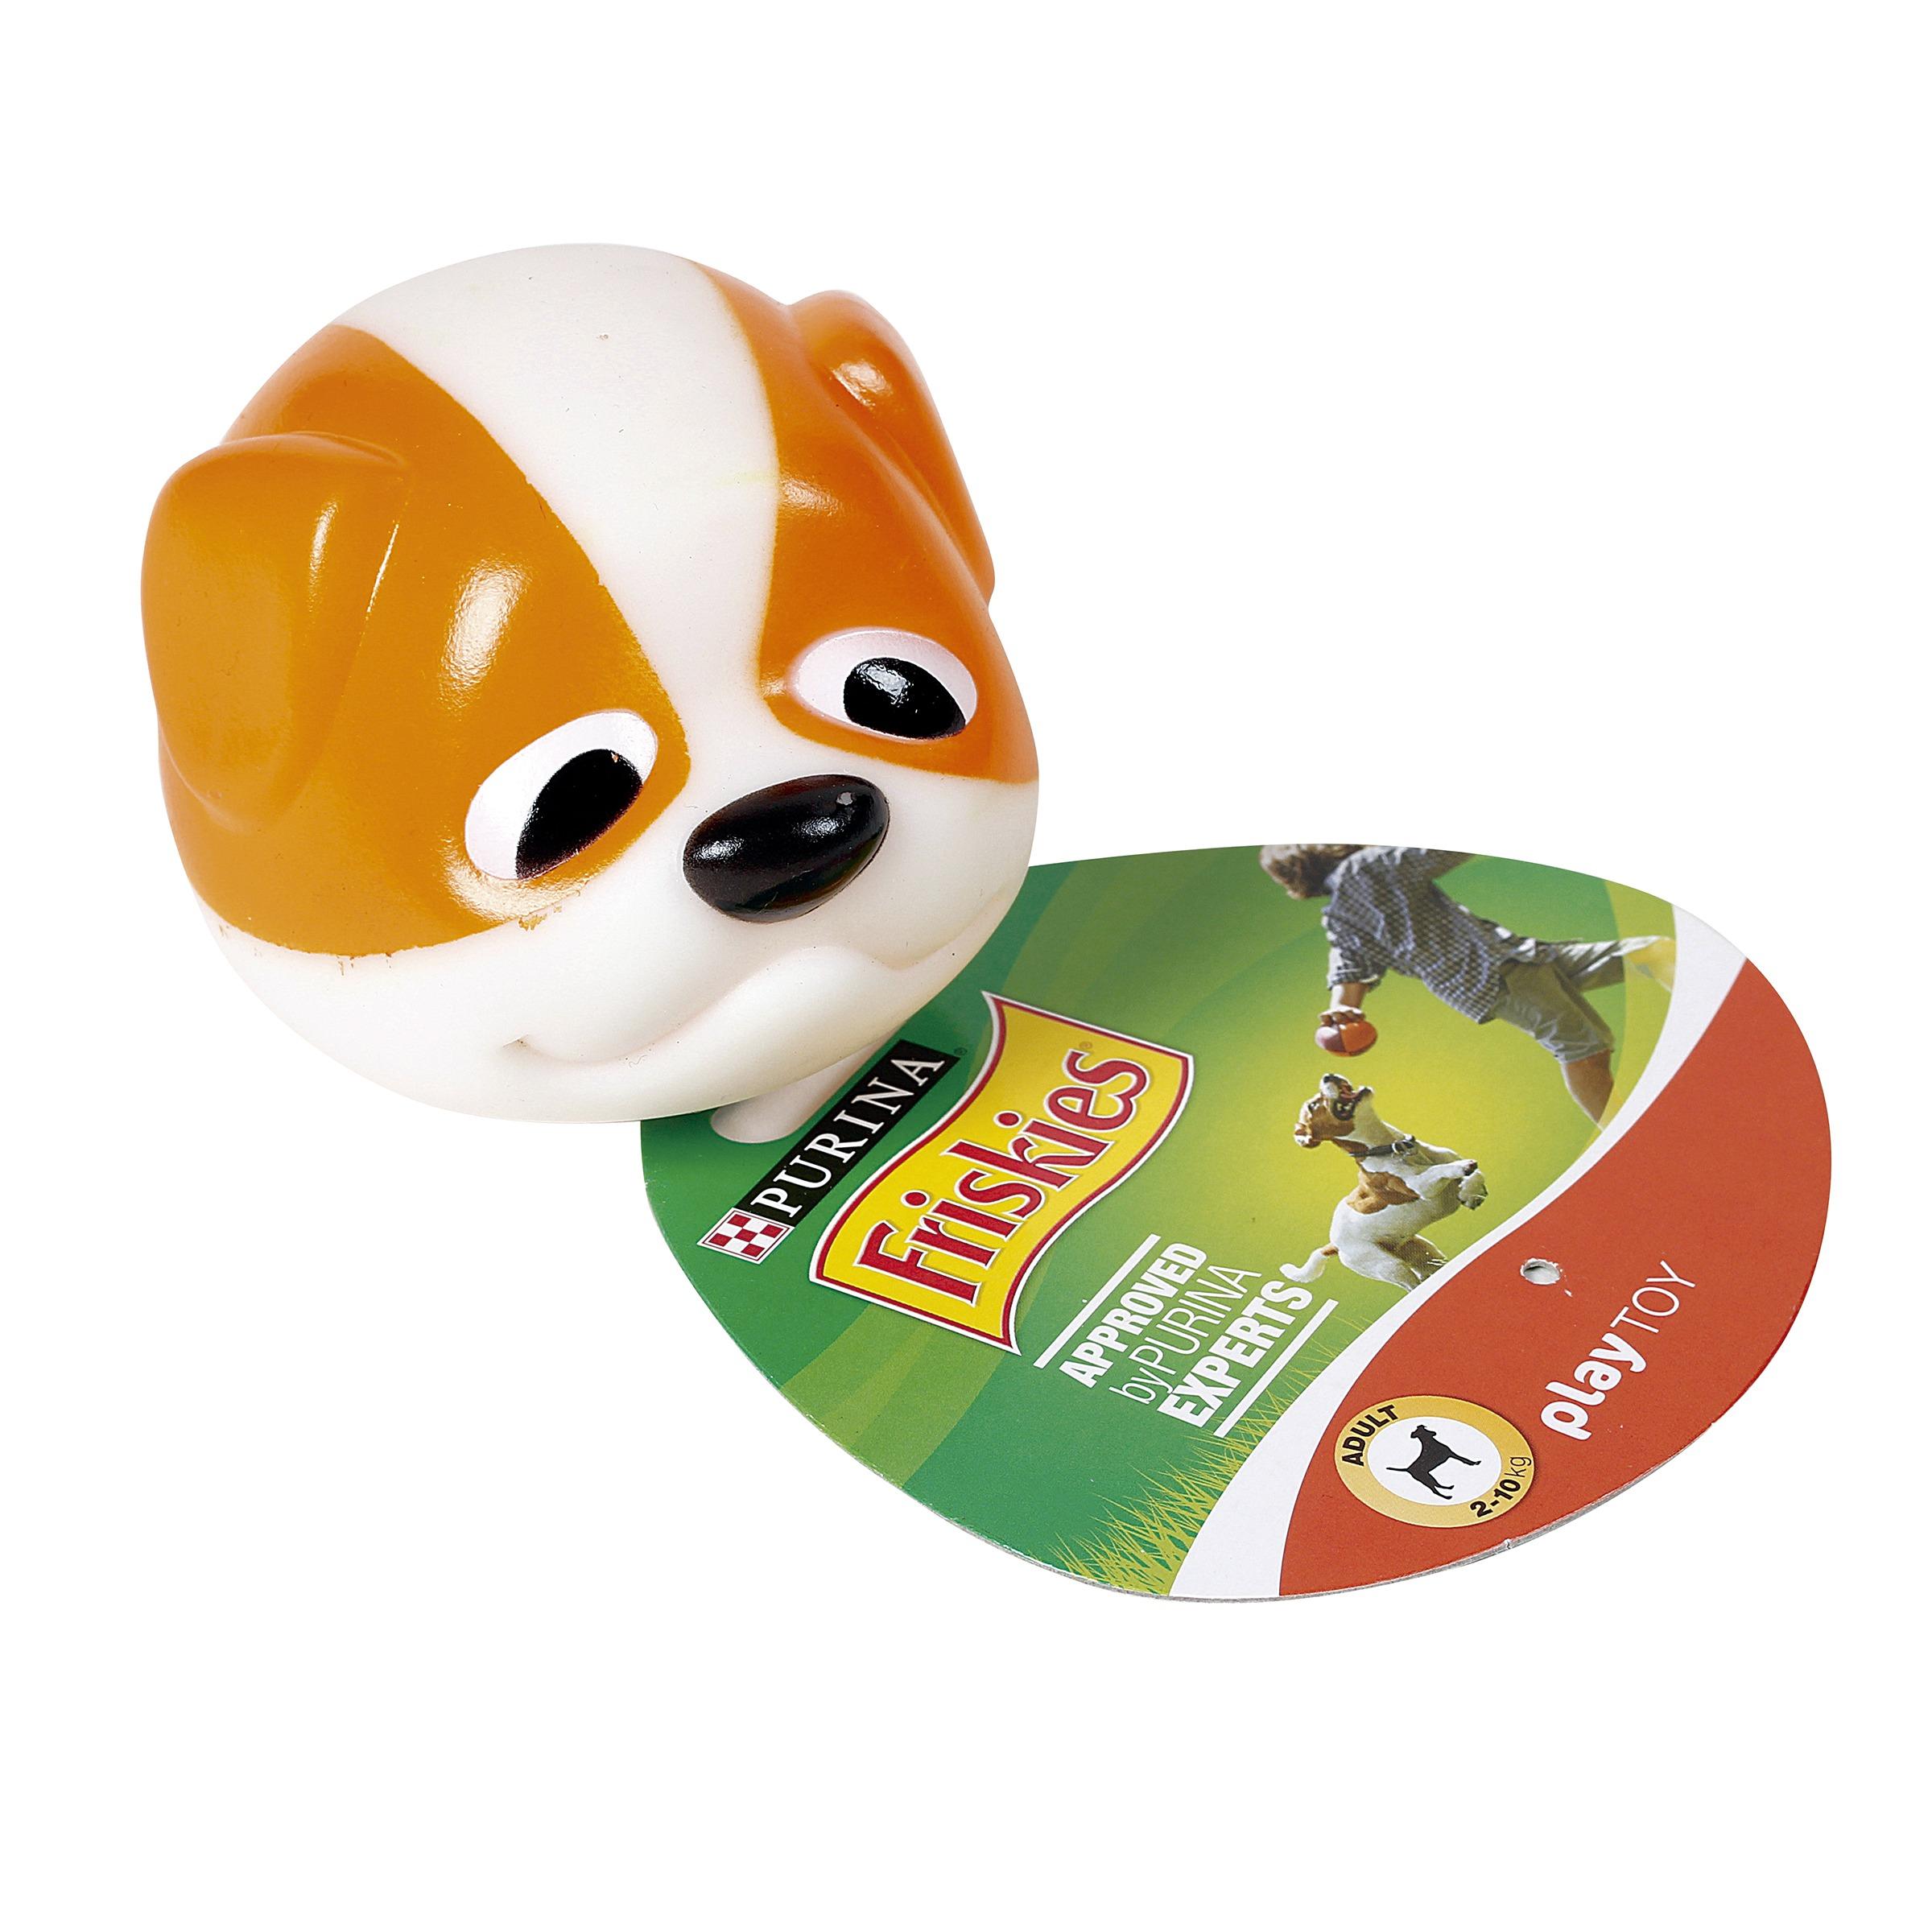 Descuentos interesantes para las mascotas. Mini recopilatorio mascotil